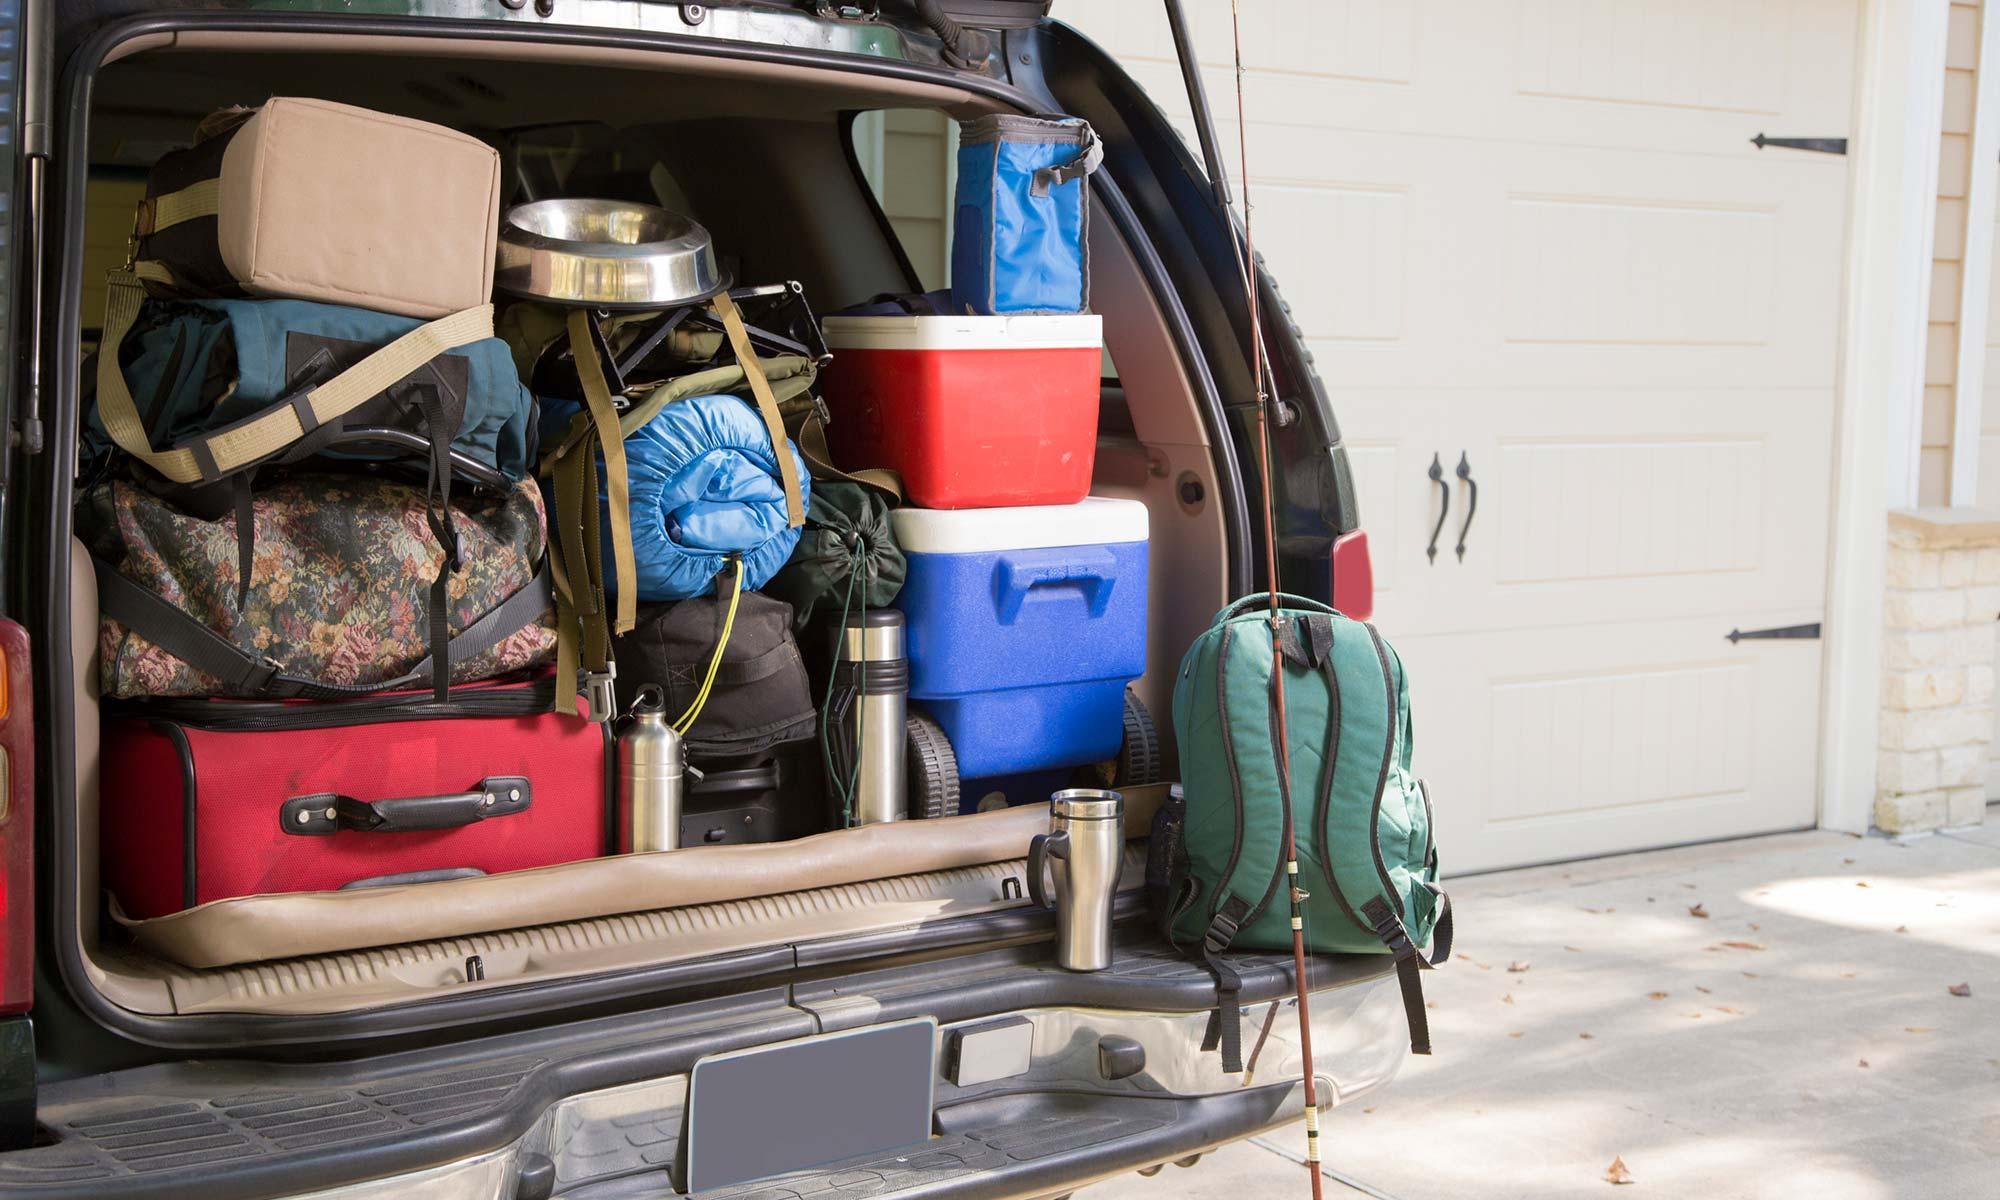 A car trunk full of camping gear.